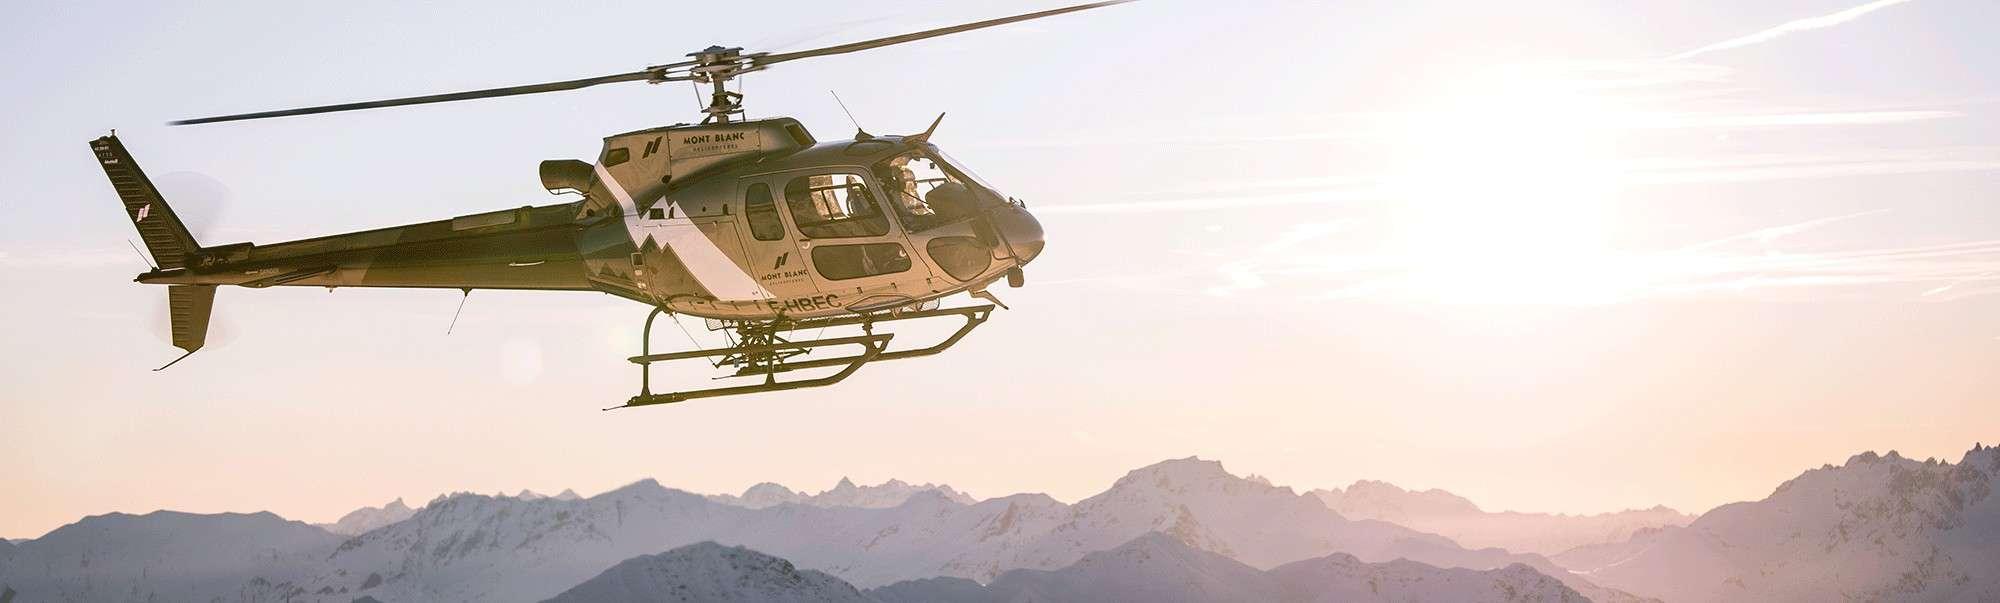 Helicoptere alpe d'huez en vol